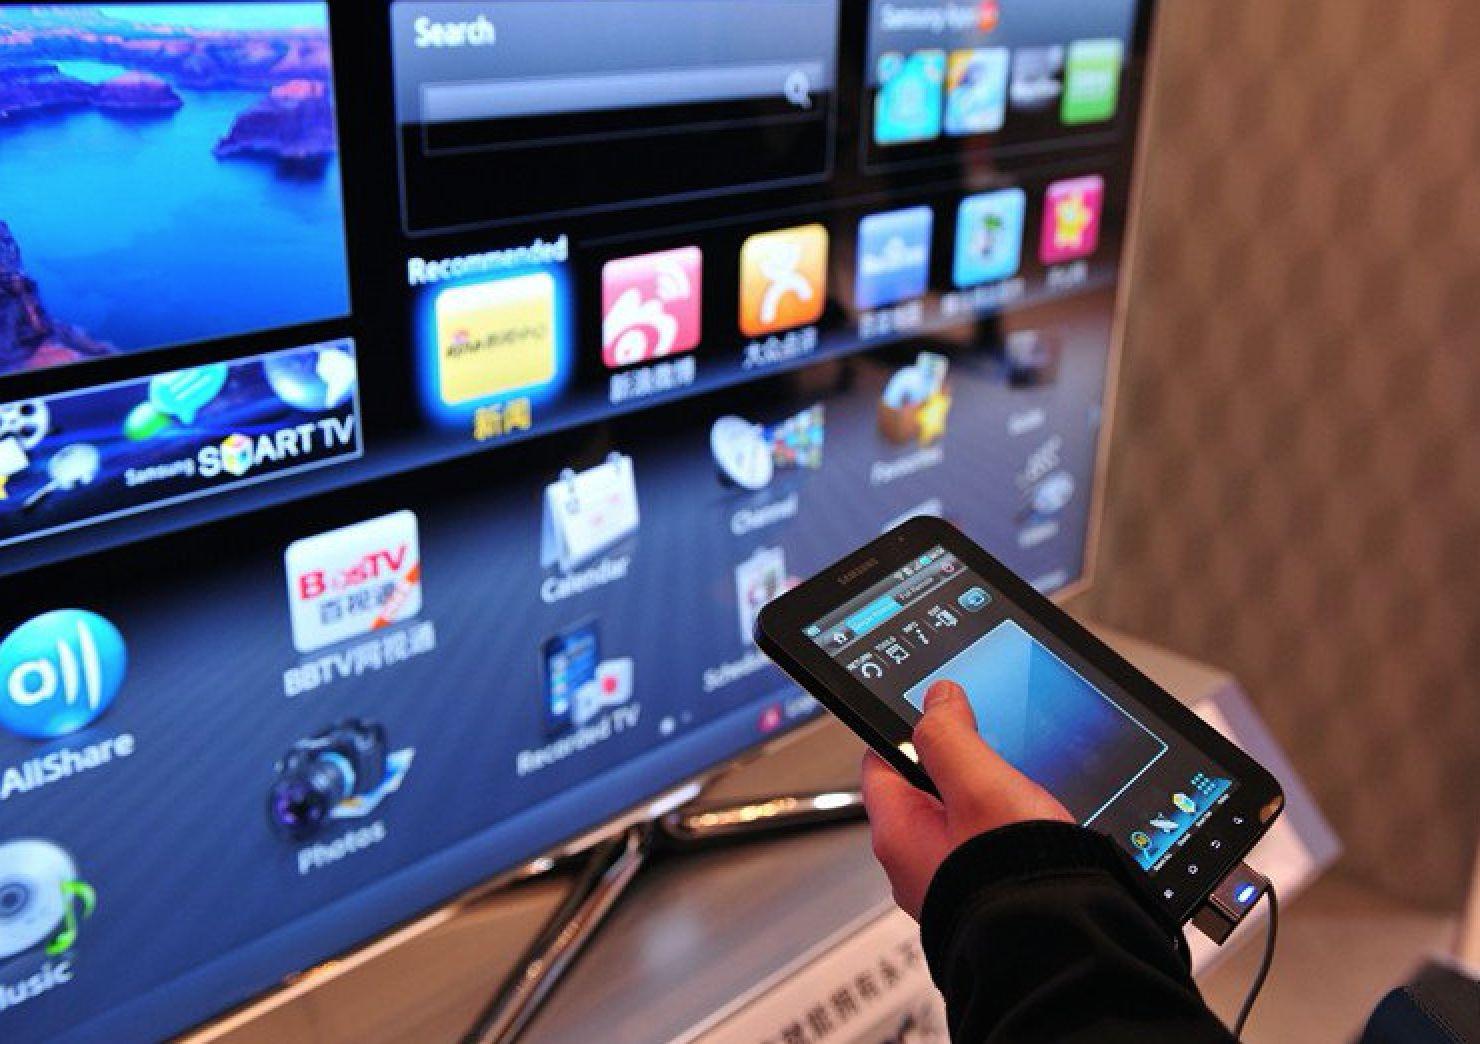 抢滩互联网电视风口红利,大屏营销生态服务商如何让投放更有效?